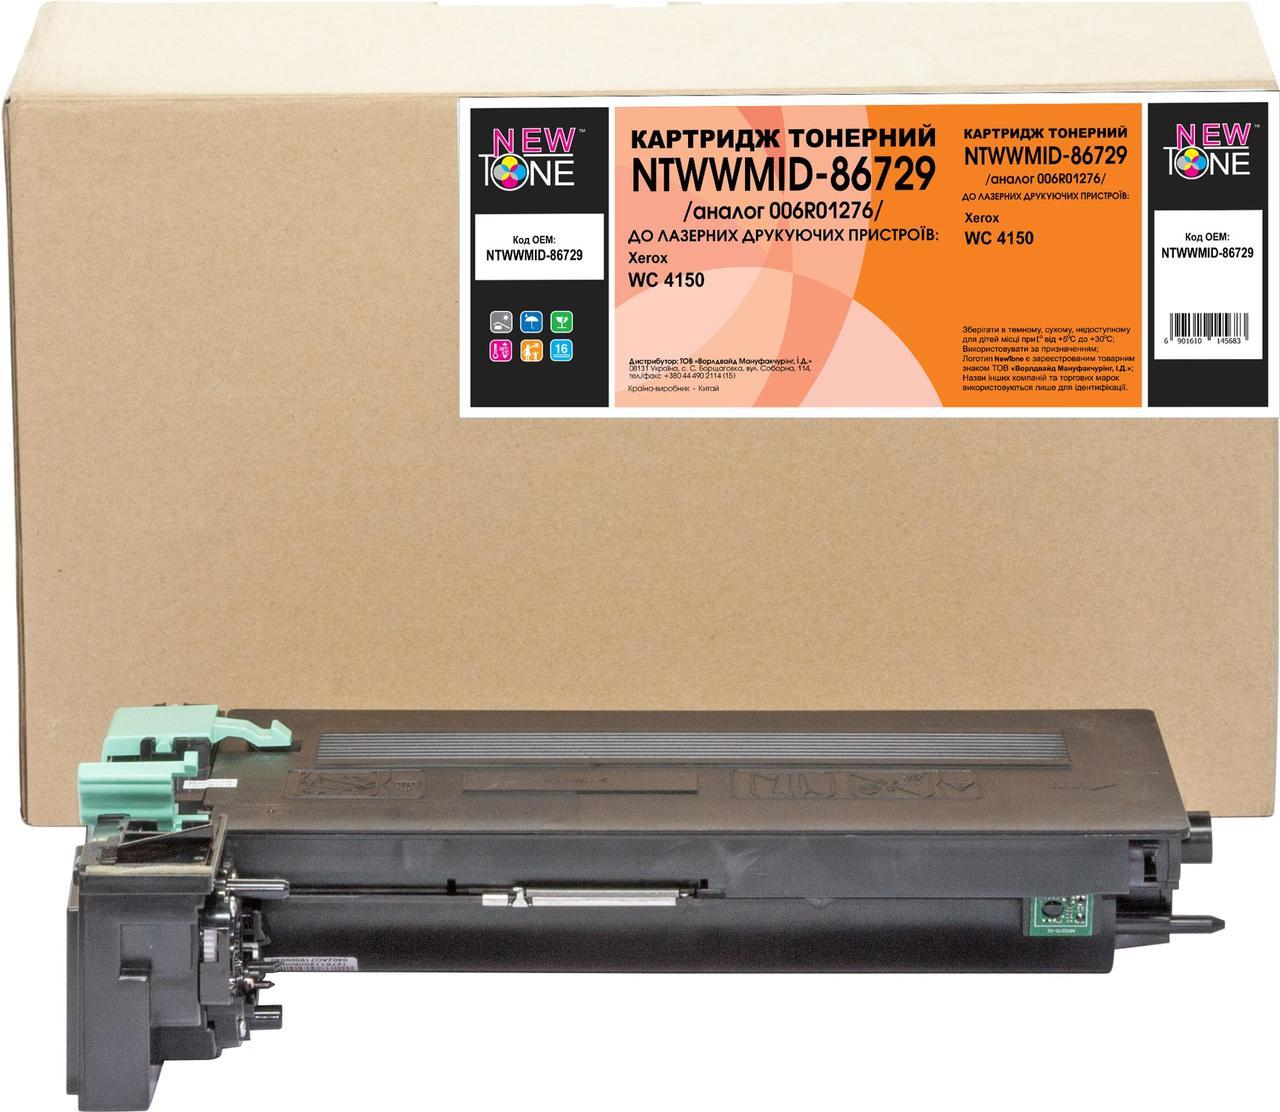 Картридж тонерный NewTone для Xerox WC 4150 аналог 006R01276 Black (NTWWMID-86729)